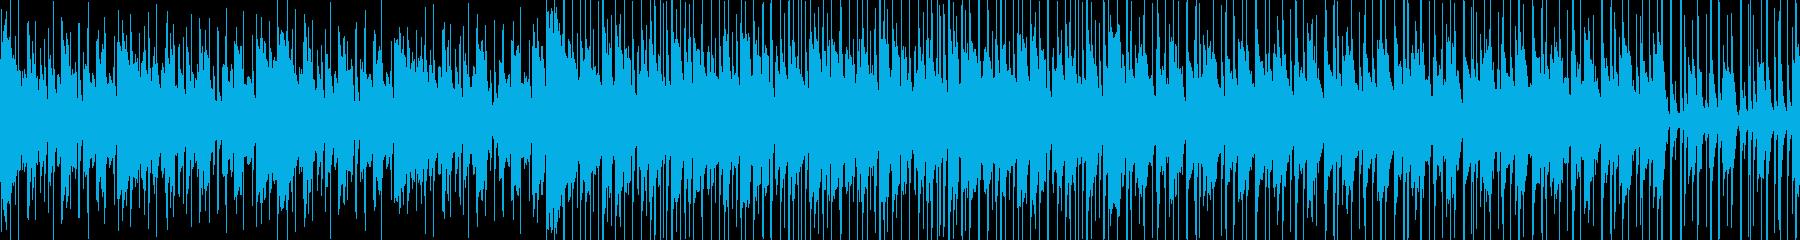 軽快で哀愁漂うラテン系音楽の再生済みの波形